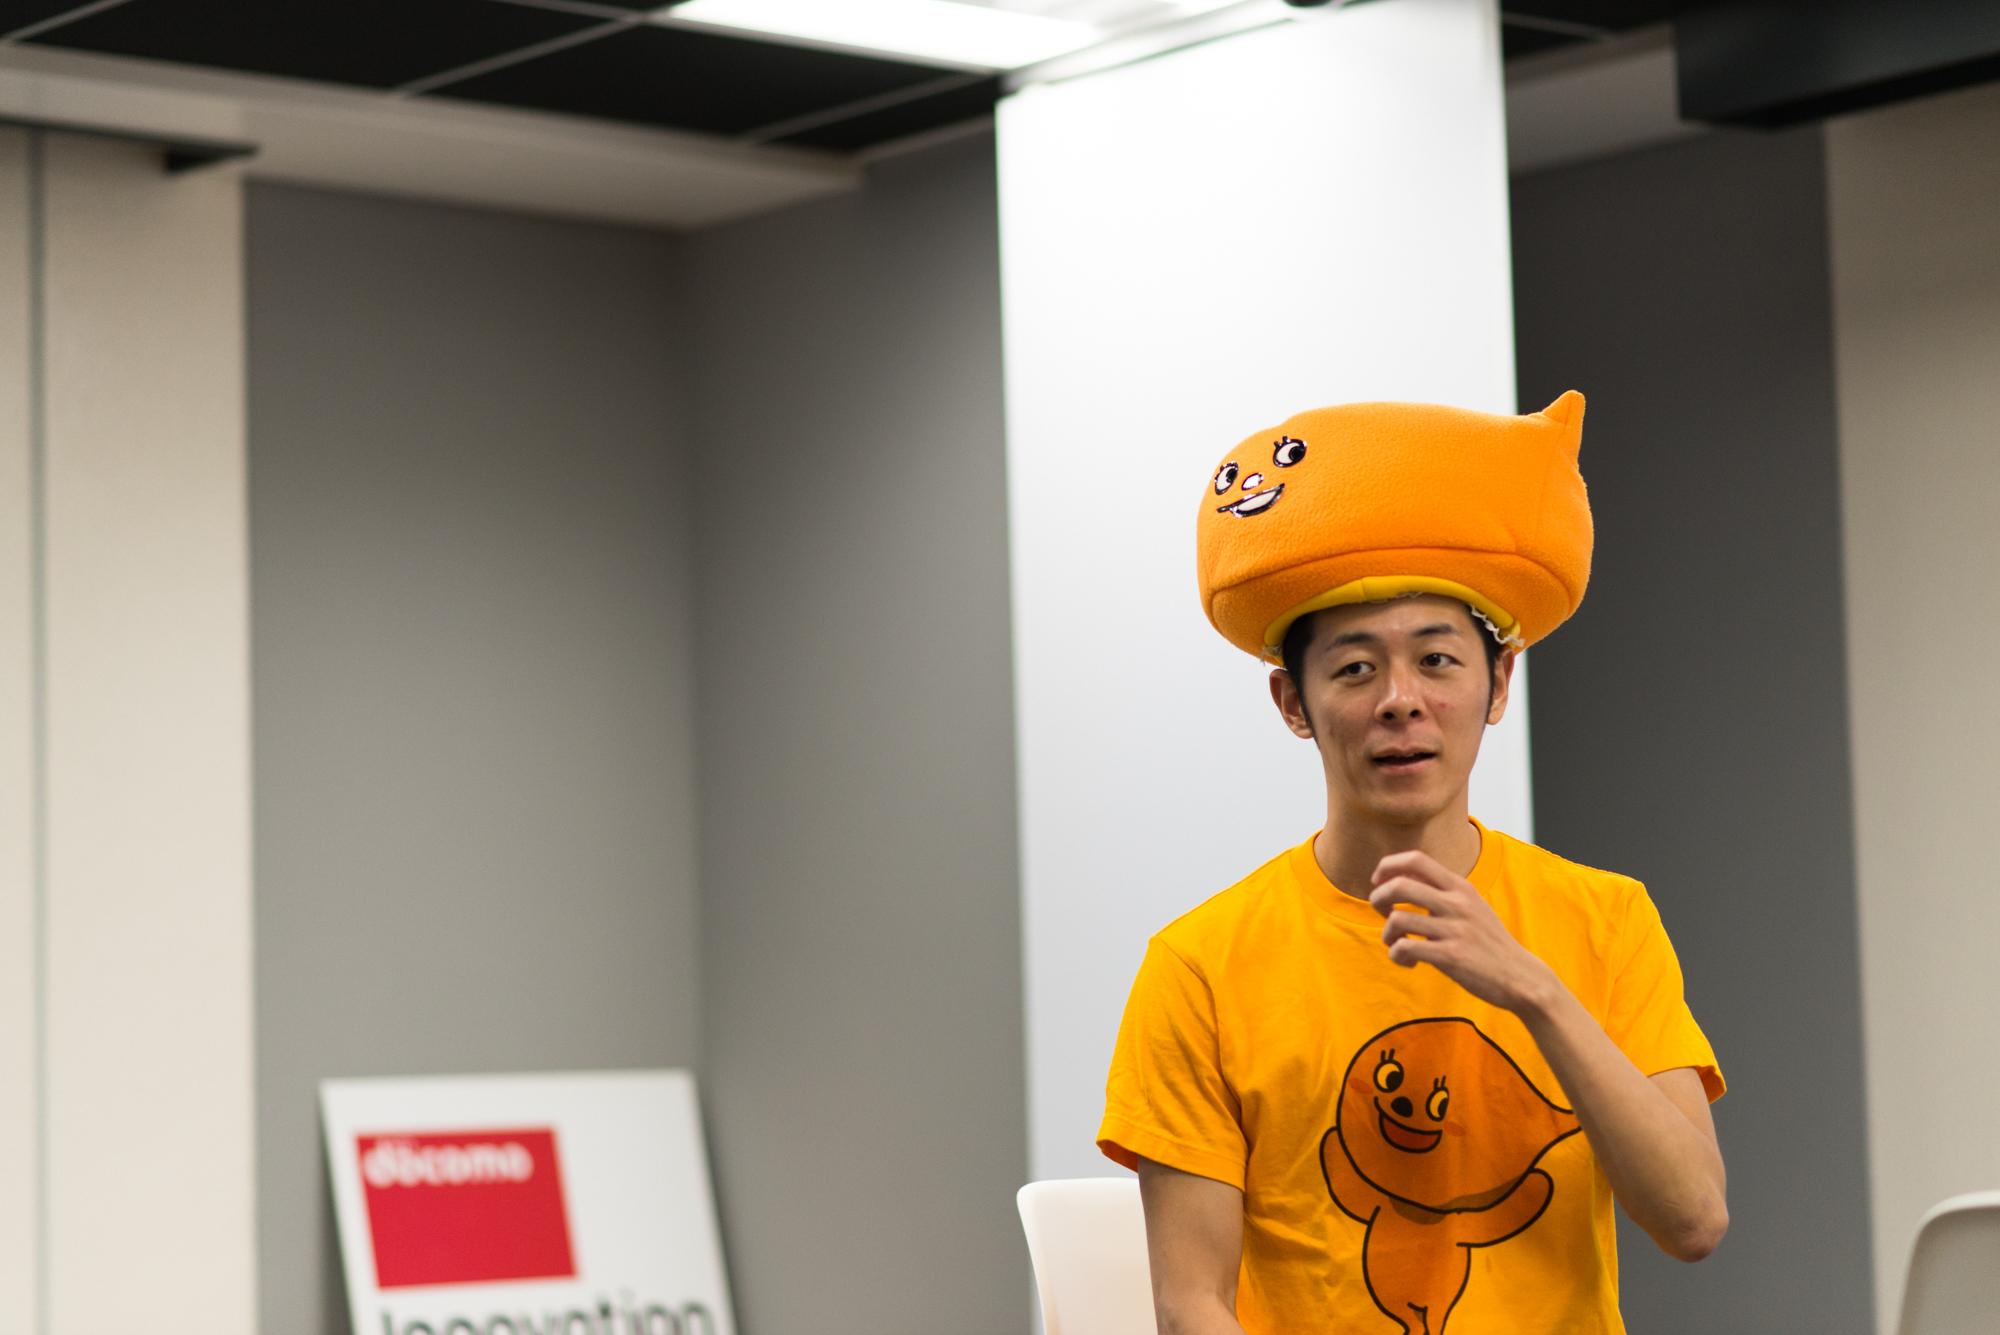 ウンチは健康のバロメーター!? 40万ダウンロードのアプリ・ウンログの開発者に聞く!!(前半)